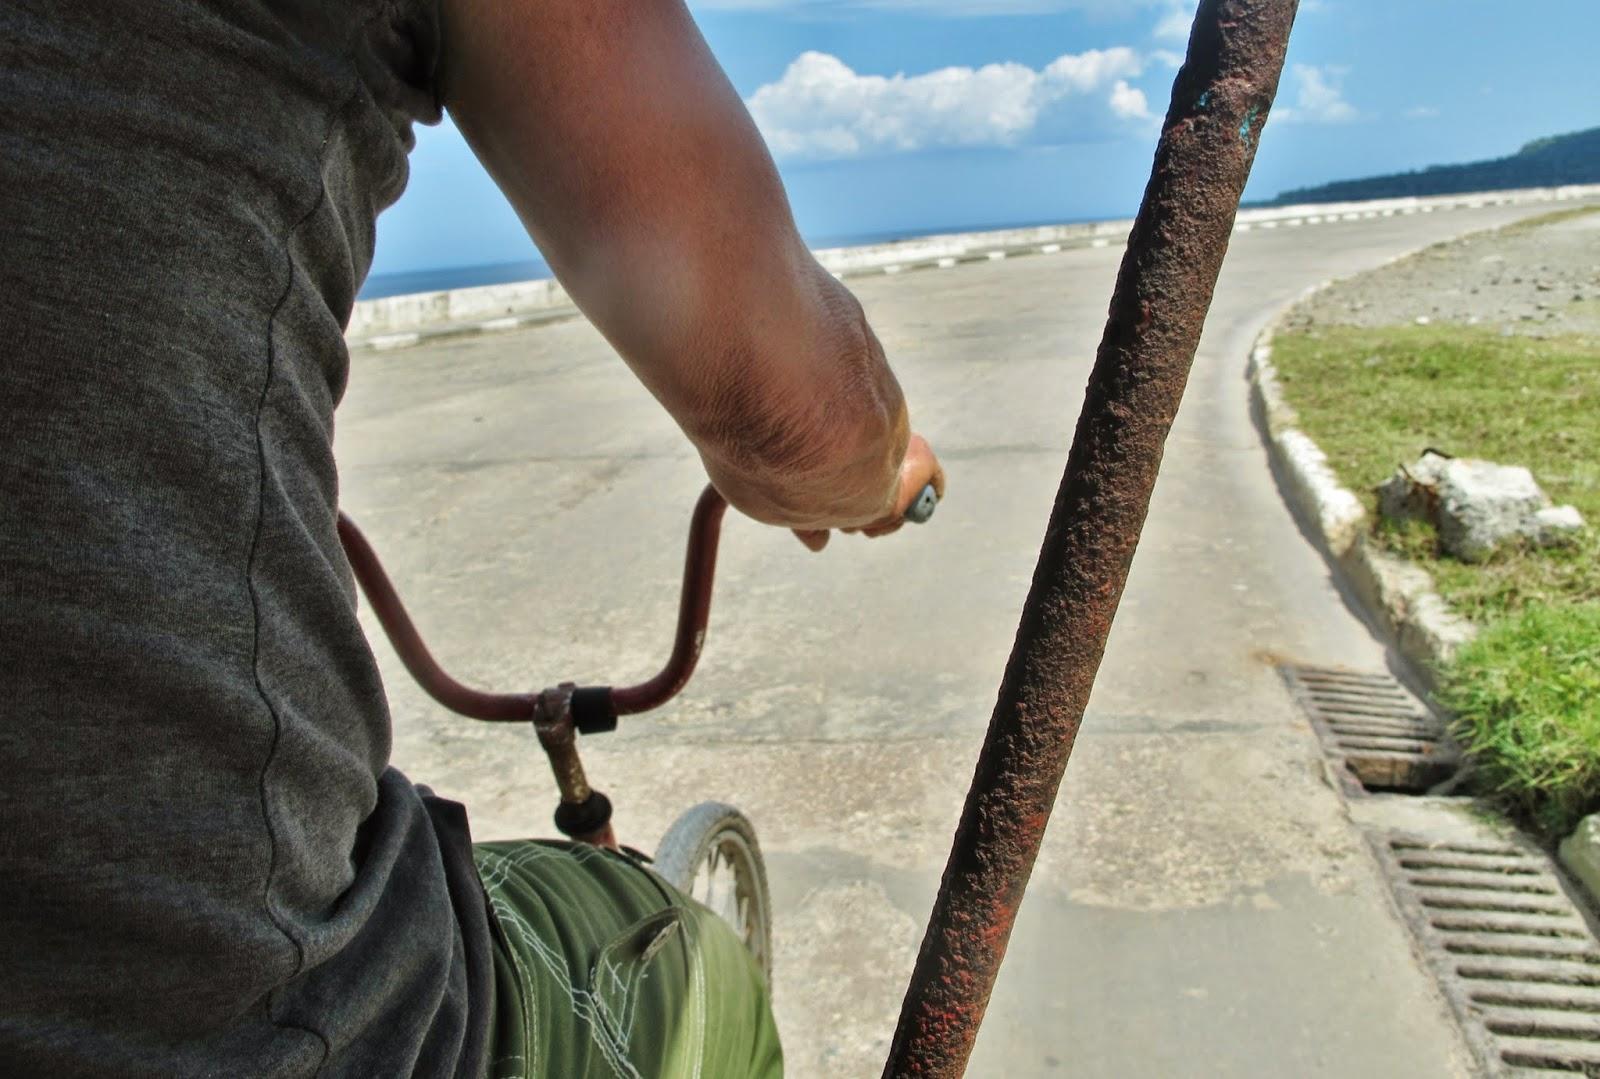 Bicitáxi em Baracoa, uma das regiões mais remotas de Cuba.